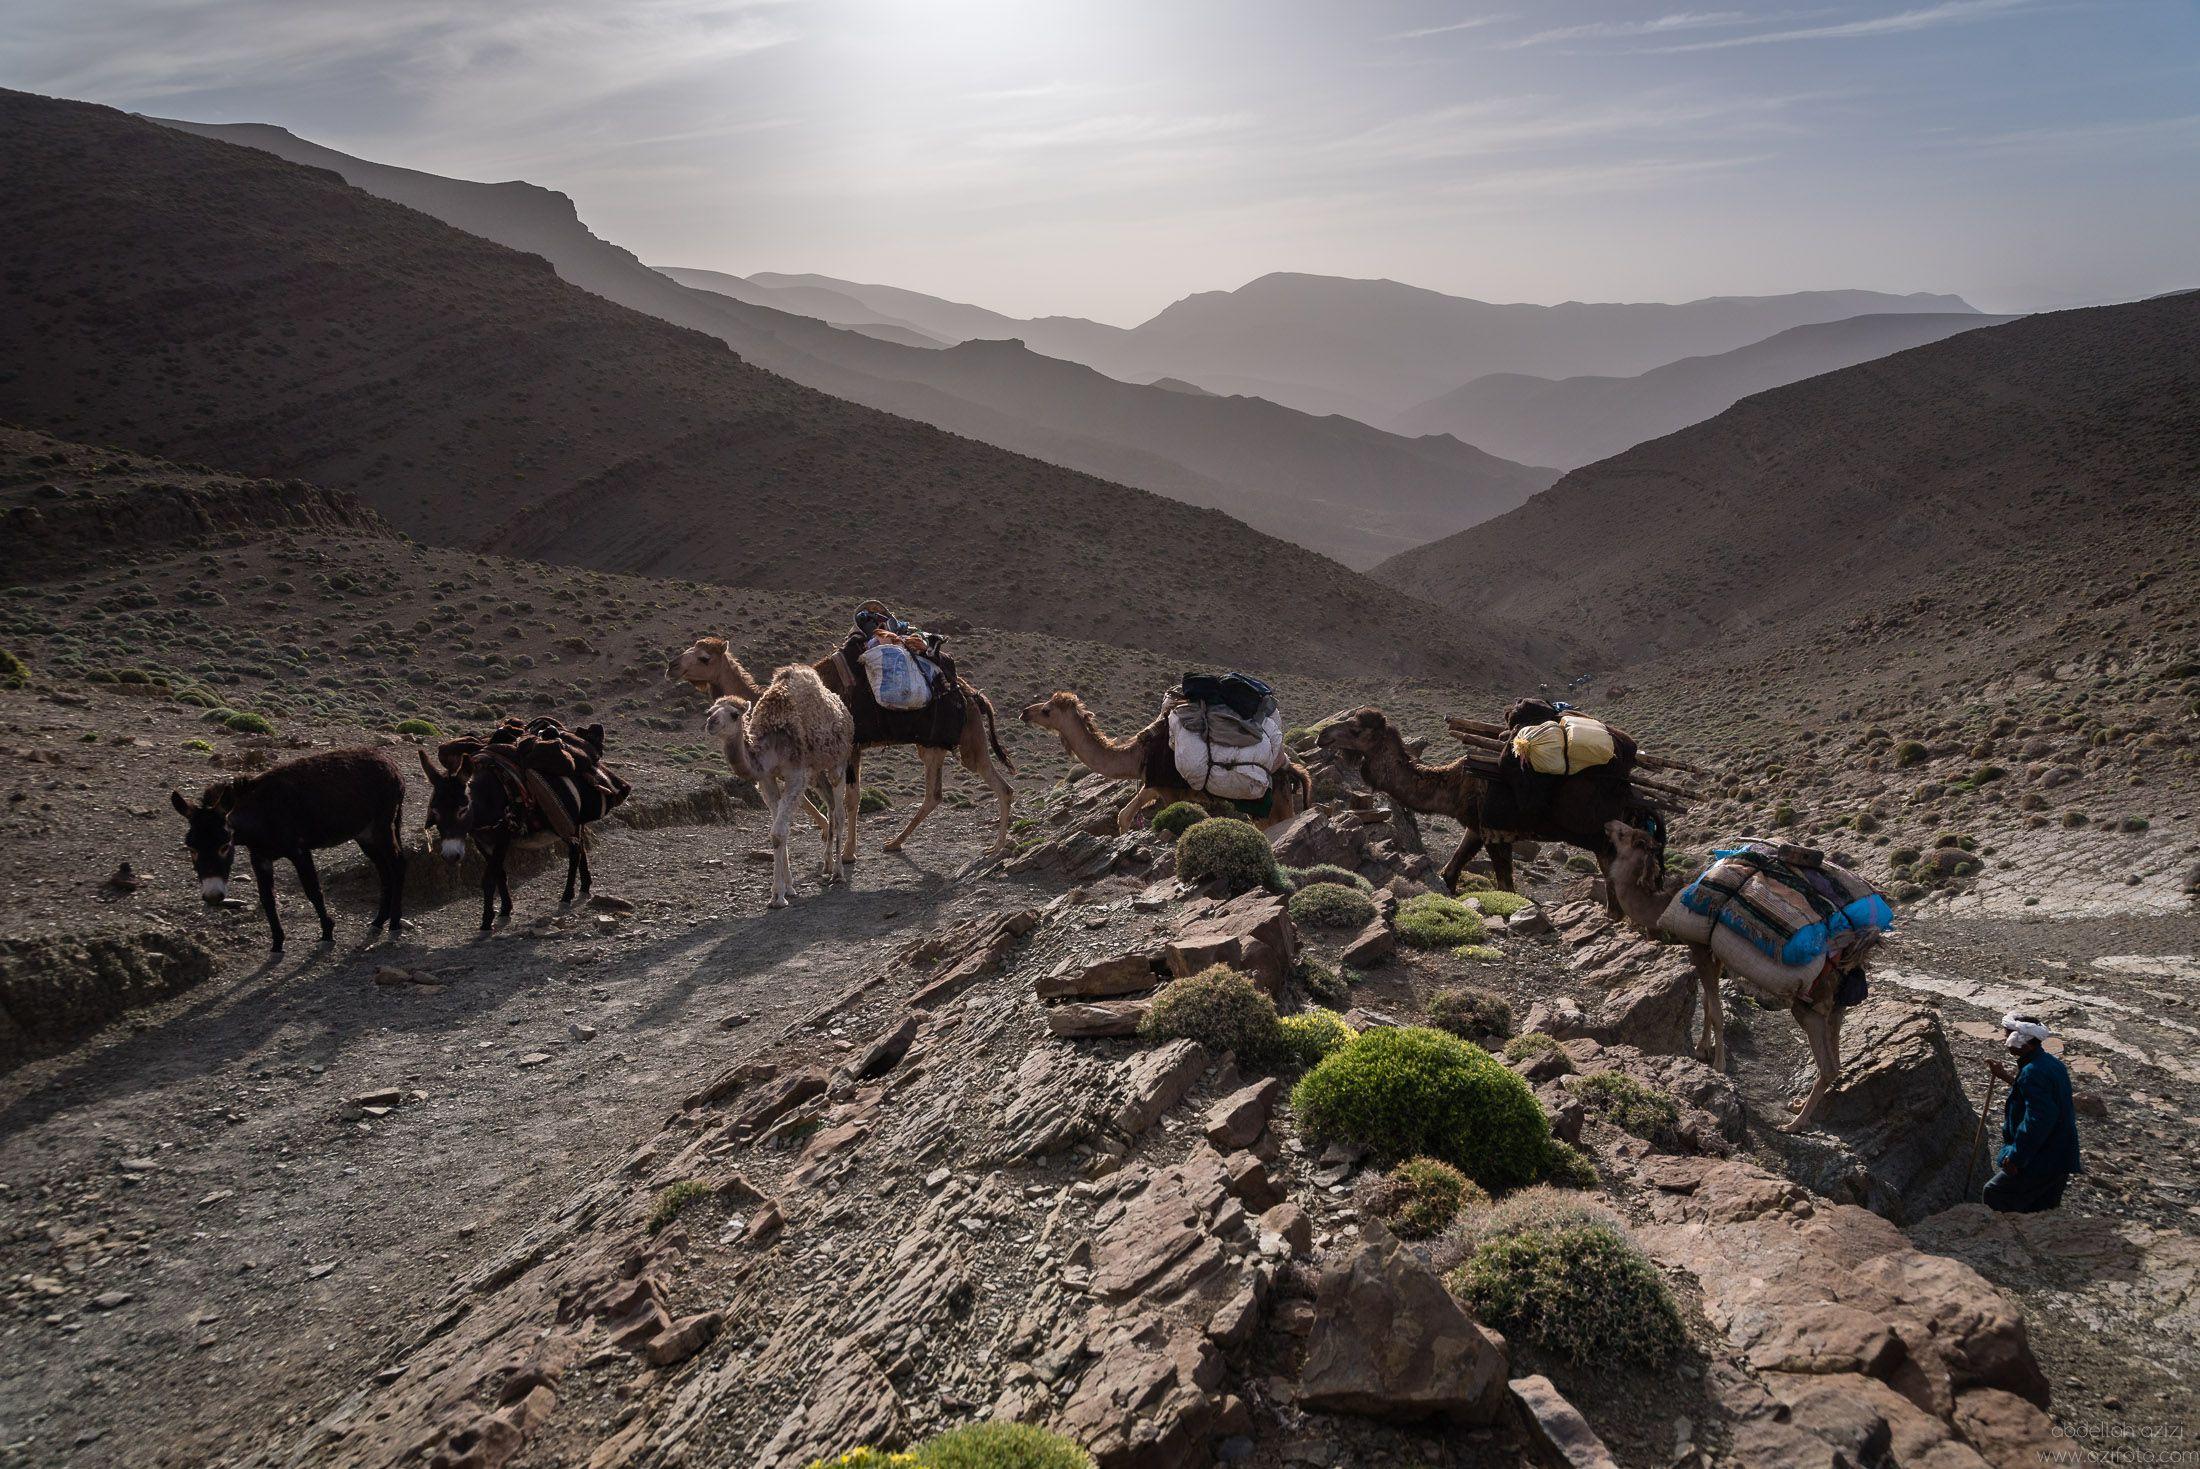 Caravan - Ait Atta Nomads